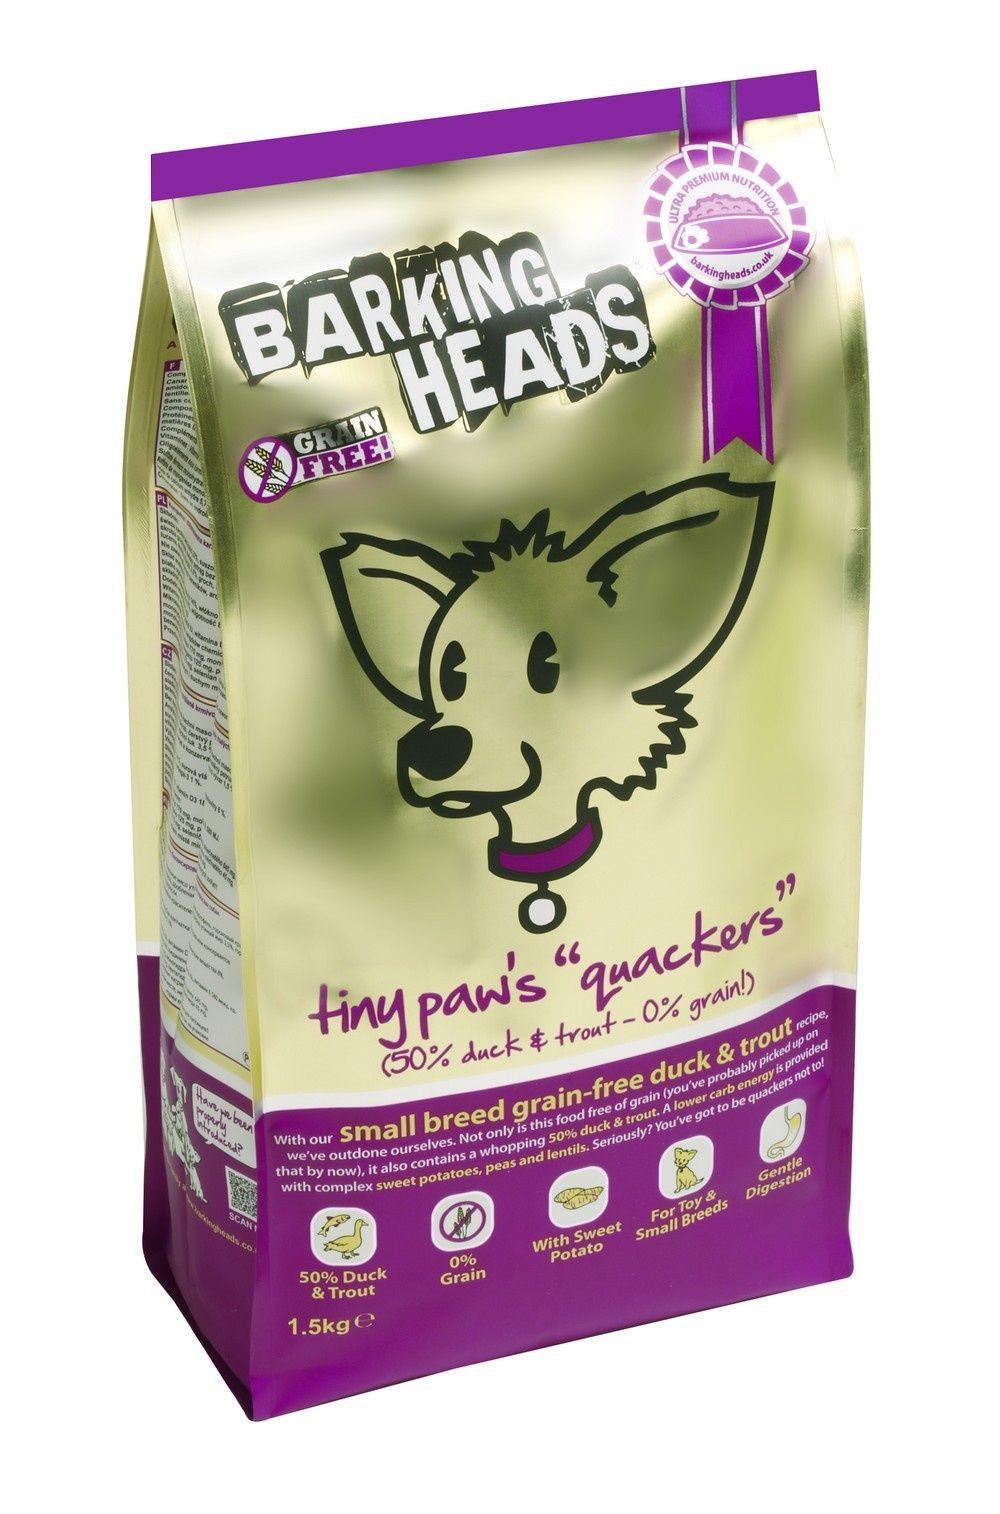 Беззерновой корм Barking Heads для Собак Малых пород с Уткой и бататом Кряква для Мелколапого 1,5кПовседневные корма<br><br><br>Артикул: 18143<br>Бренд: Barking Heads<br>Вид: Сухие<br>Высота упаковки (мм): 0,19<br>Длина упаковки (мм): 0,36<br>Ширина упаковки (мм): 0,2<br>Вес брутто (кг): 1,5<br>Страна-изготовитель: Великобритания<br>Вес упаковки (кг): 1,5<br>Размер/порода: Для малых пород<br>Ингредиенты: Утка<br>Для кого: Собаки